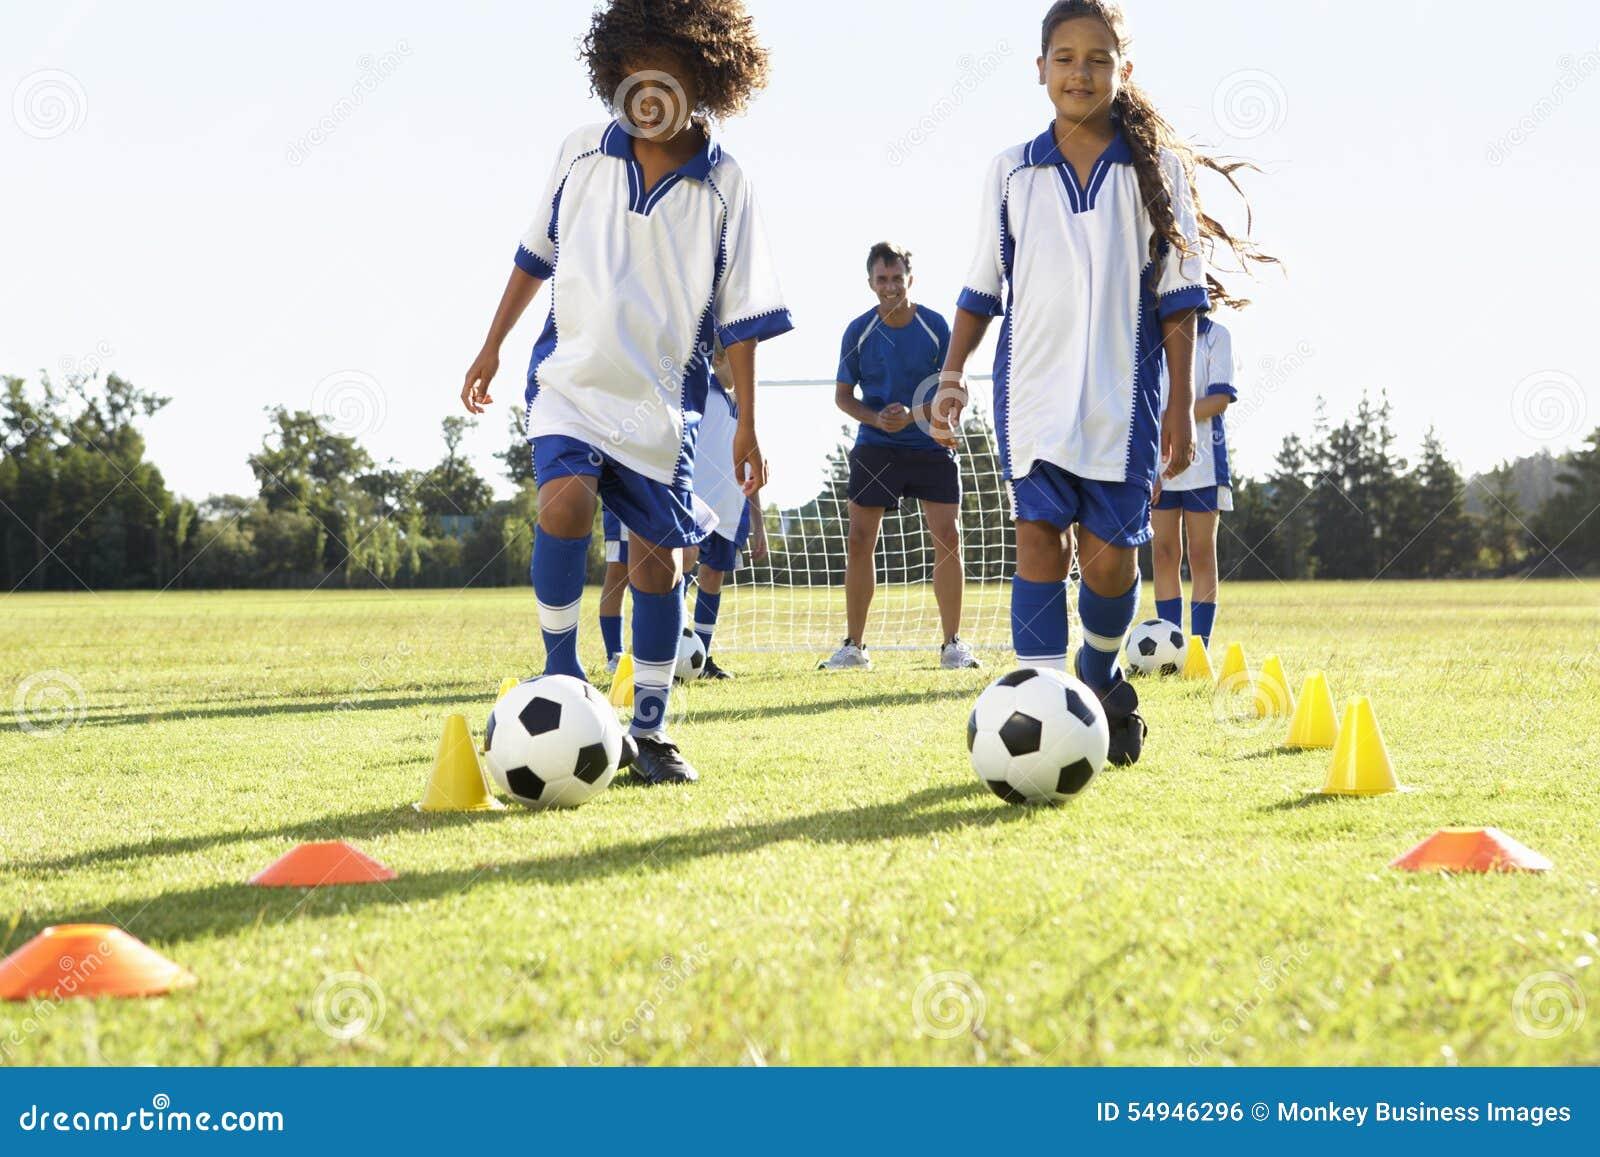 Grupp av barn i fotboll Team Having Training With Coach